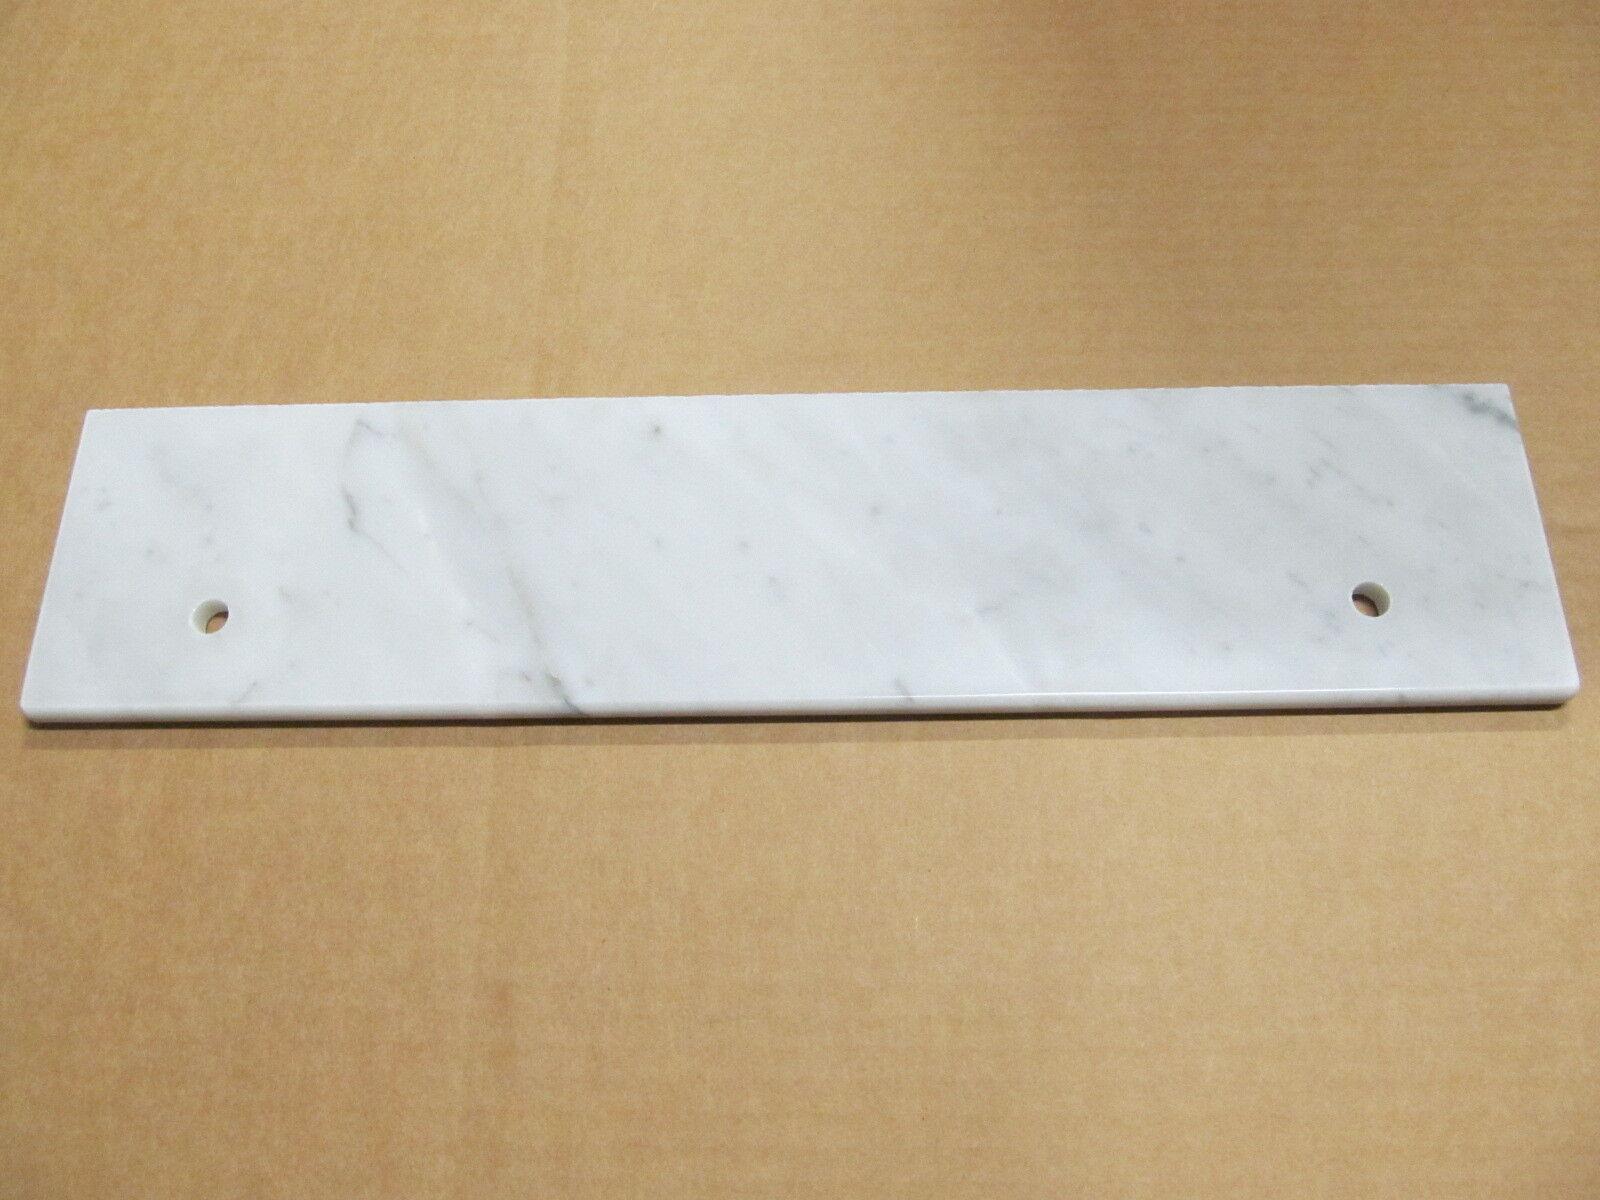 National Cash Register New Italian White Carrara Marble 332